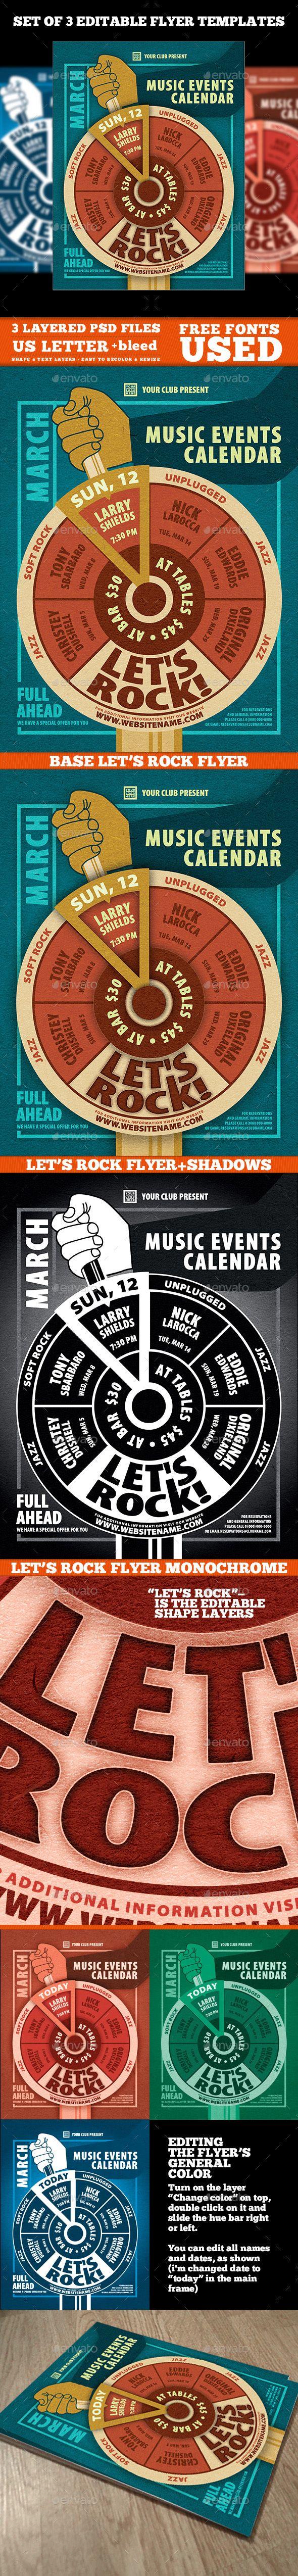 Music Events Calendar Poster Template PSD